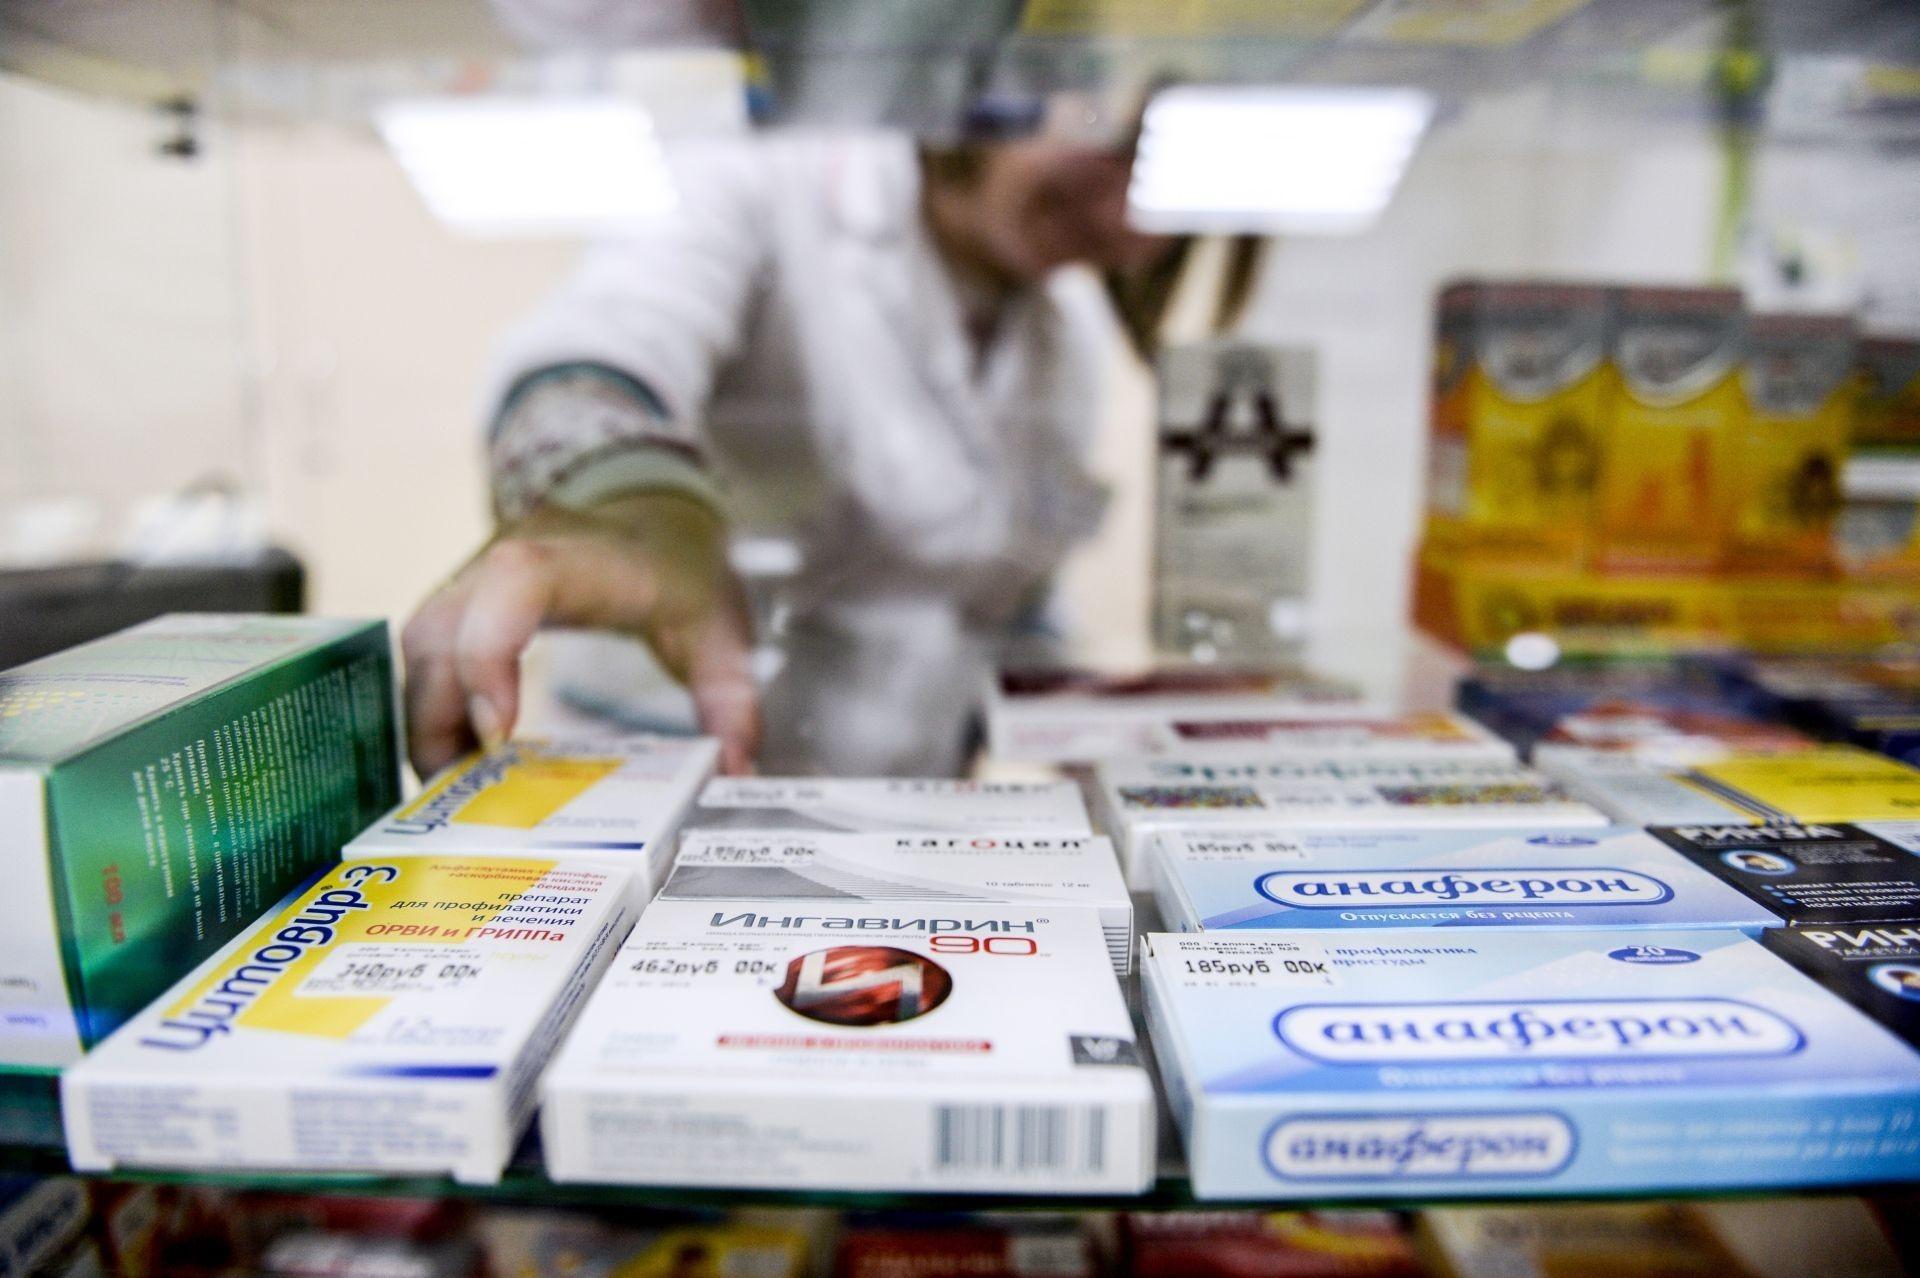 Медсотрудники стали чаще уведомить Росздравнадзор опобочных действиях фармацевтических средств